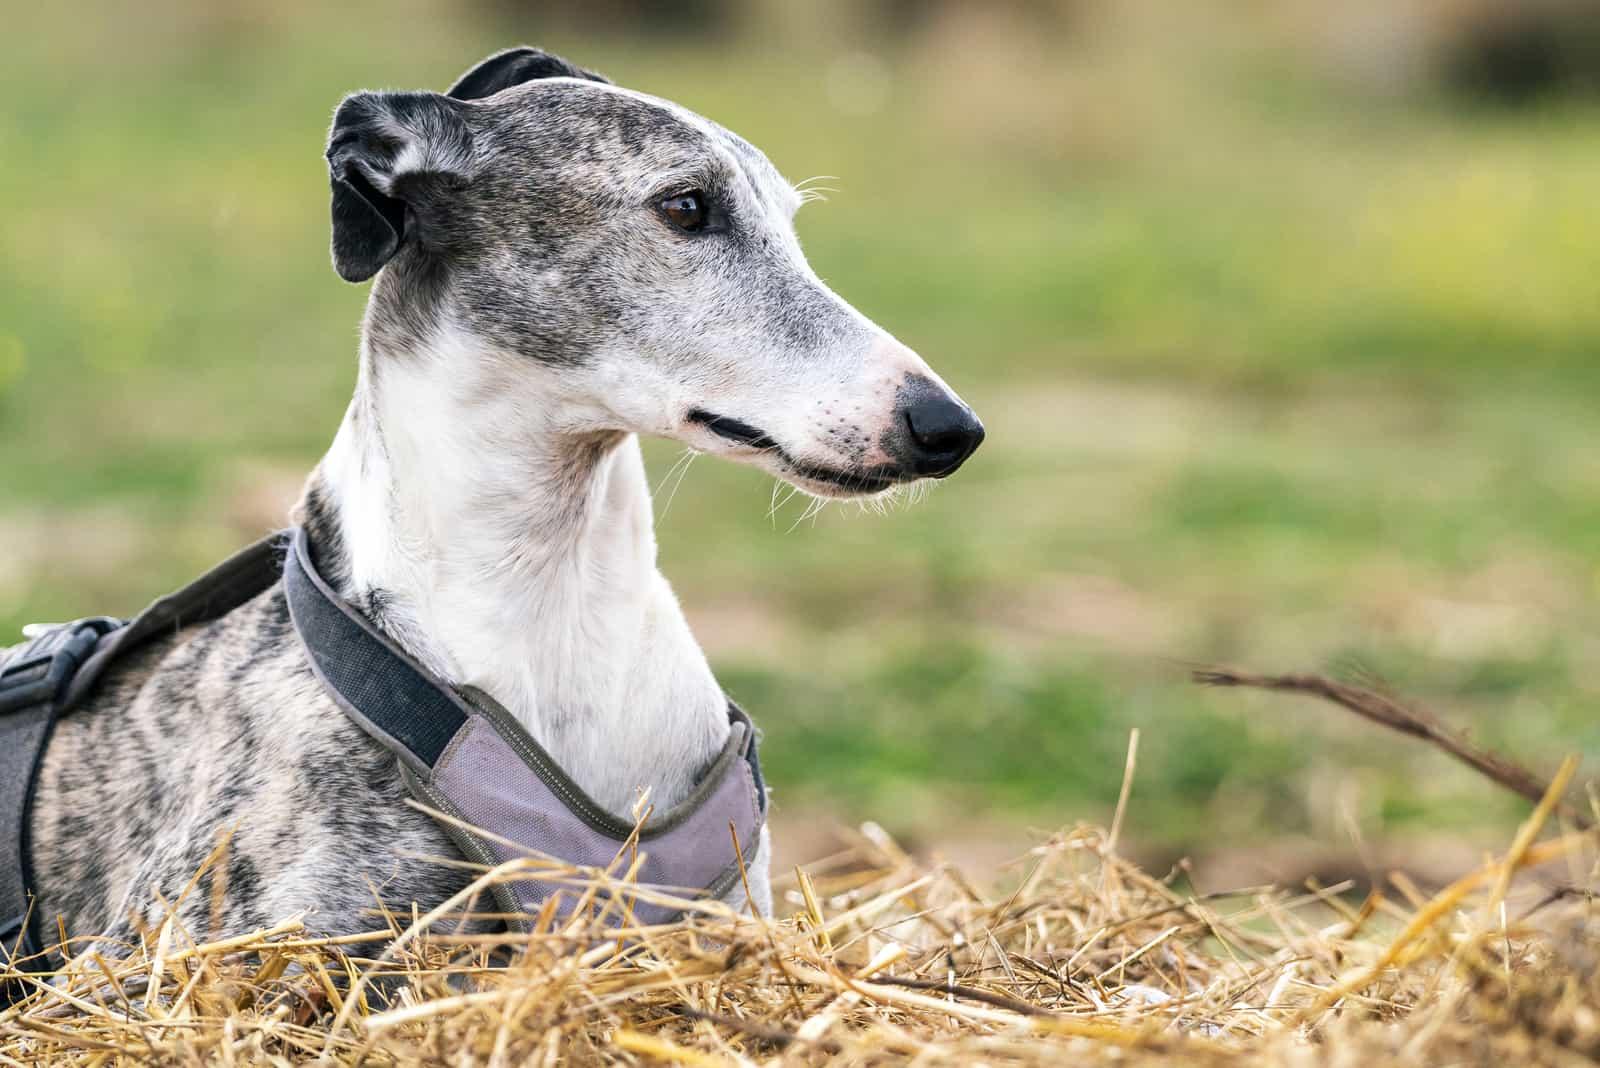 greyhound dog resting